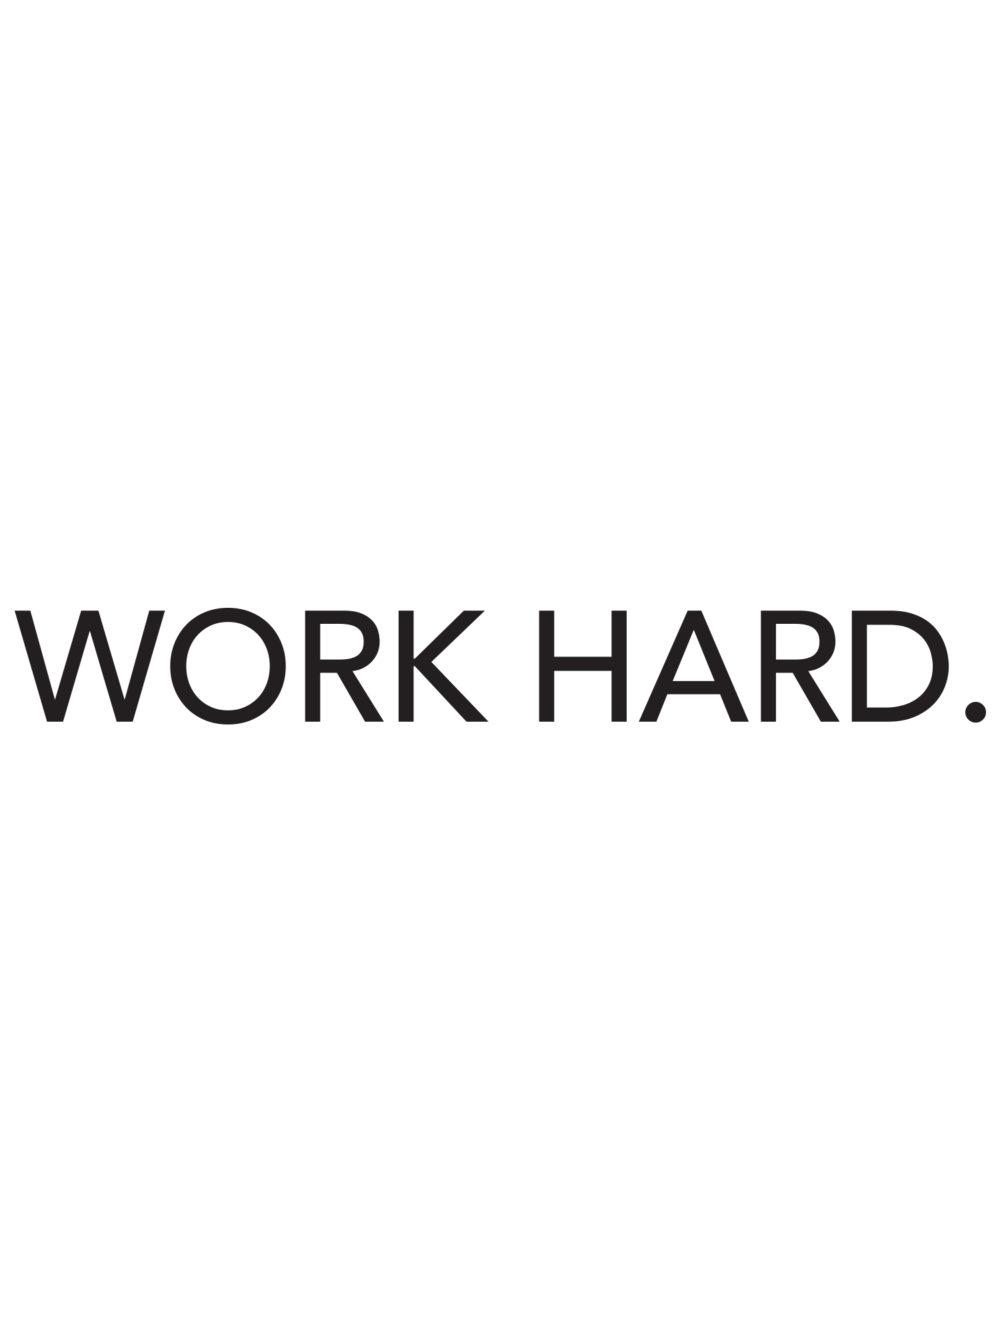 WORK HARD. brush lettering